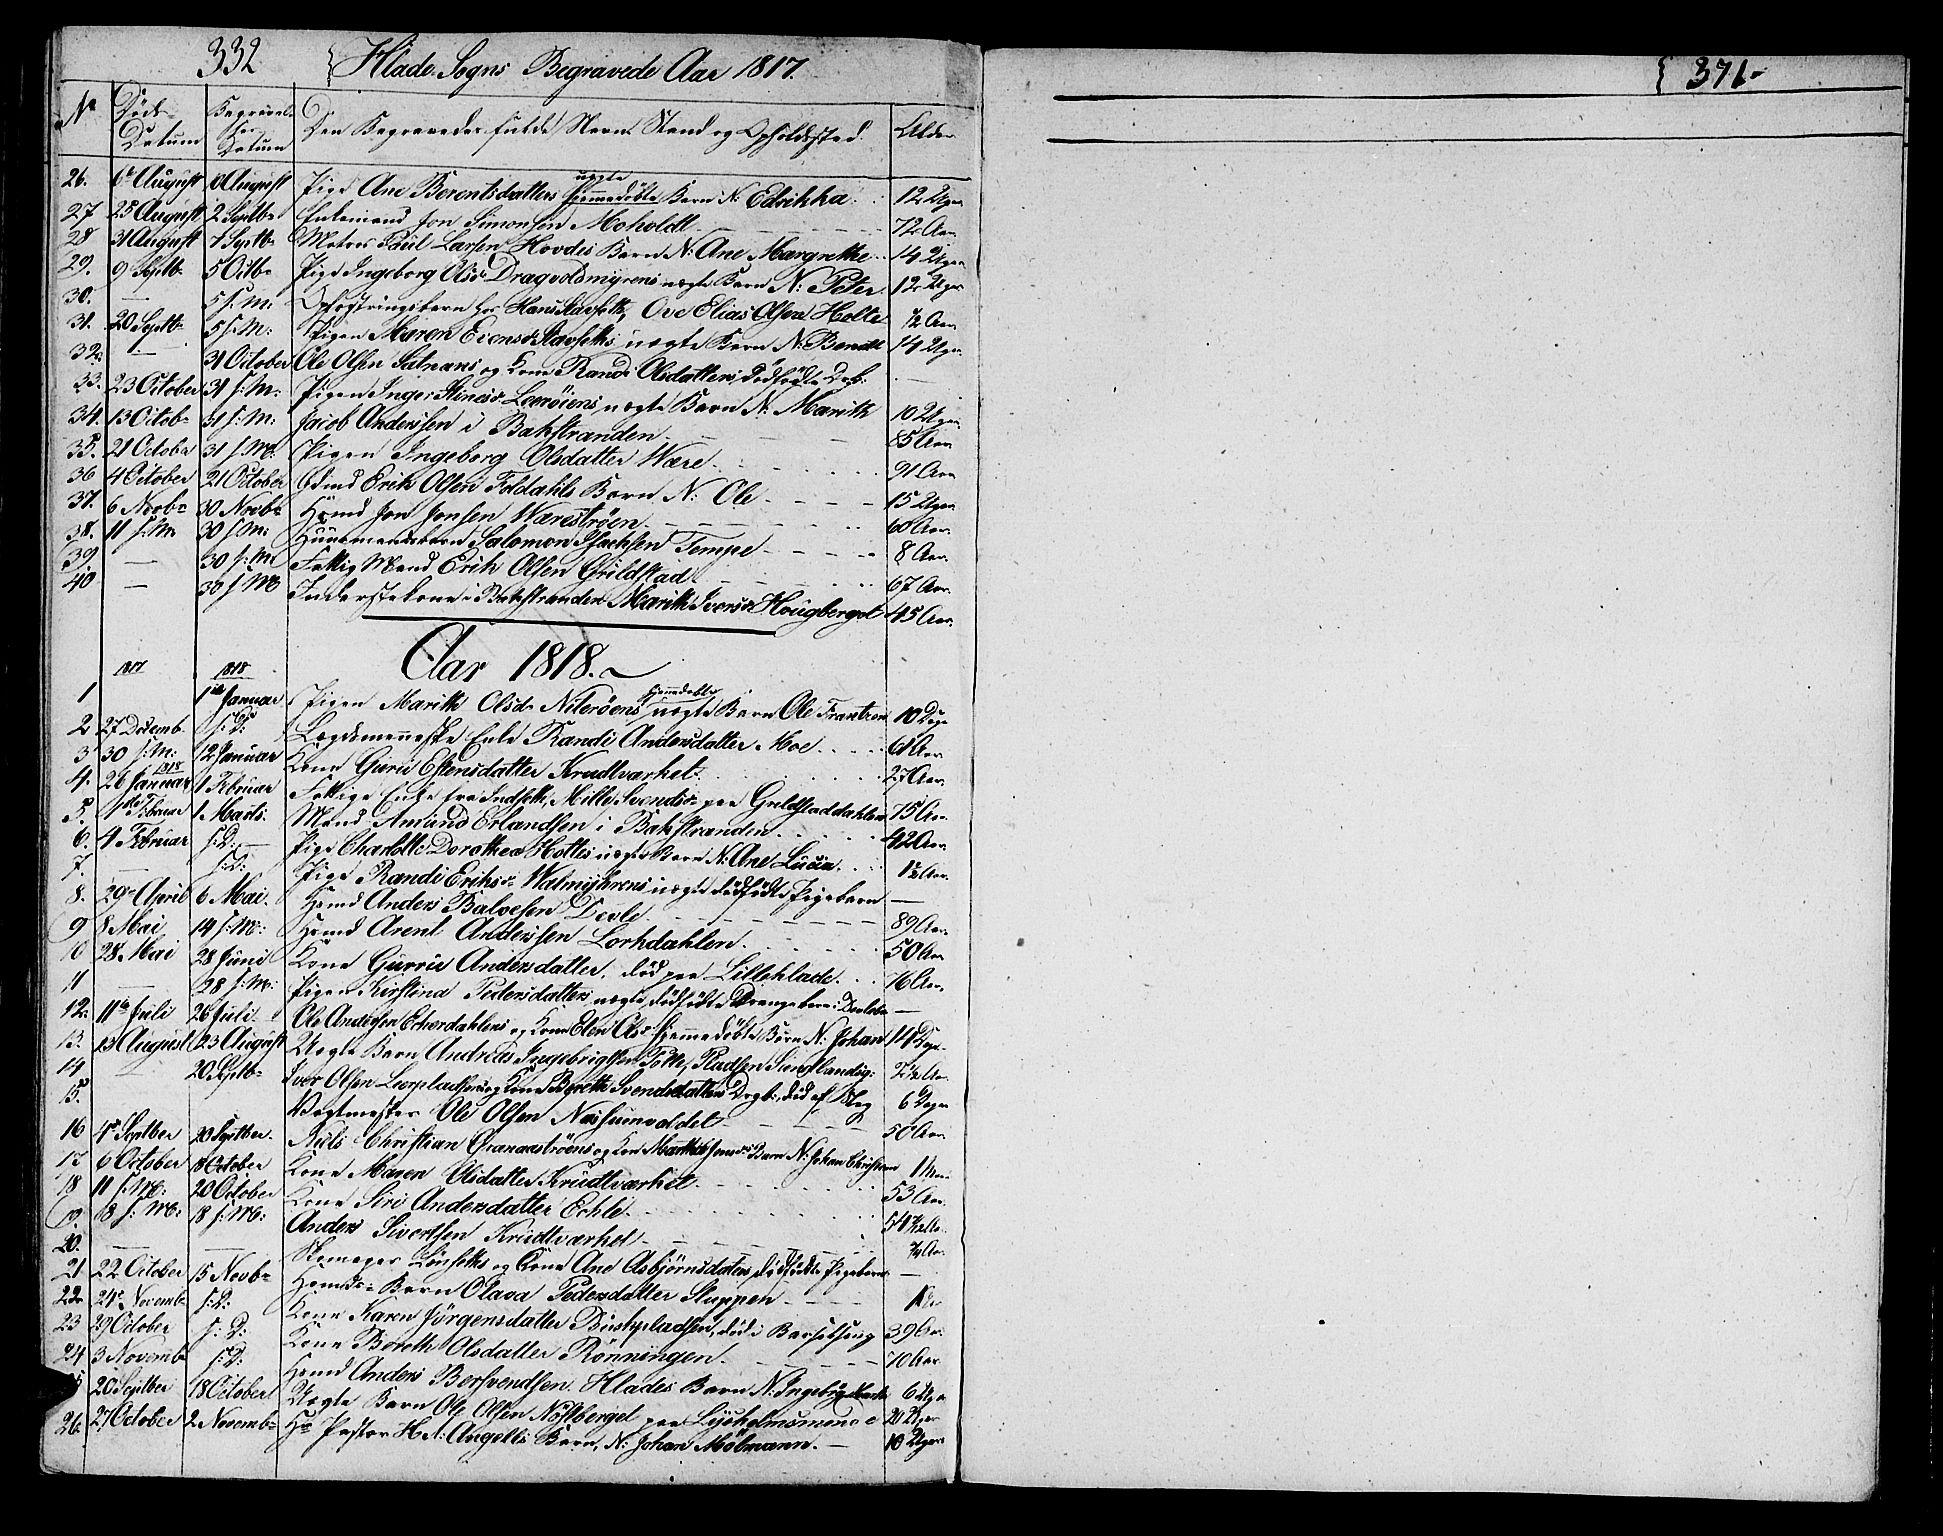 SAT, Ministerialprotokoller, klokkerbøker og fødselsregistre - Sør-Trøndelag, 606/L0306: Klokkerbok nr. 606C02, 1797-1829, s. 332-371